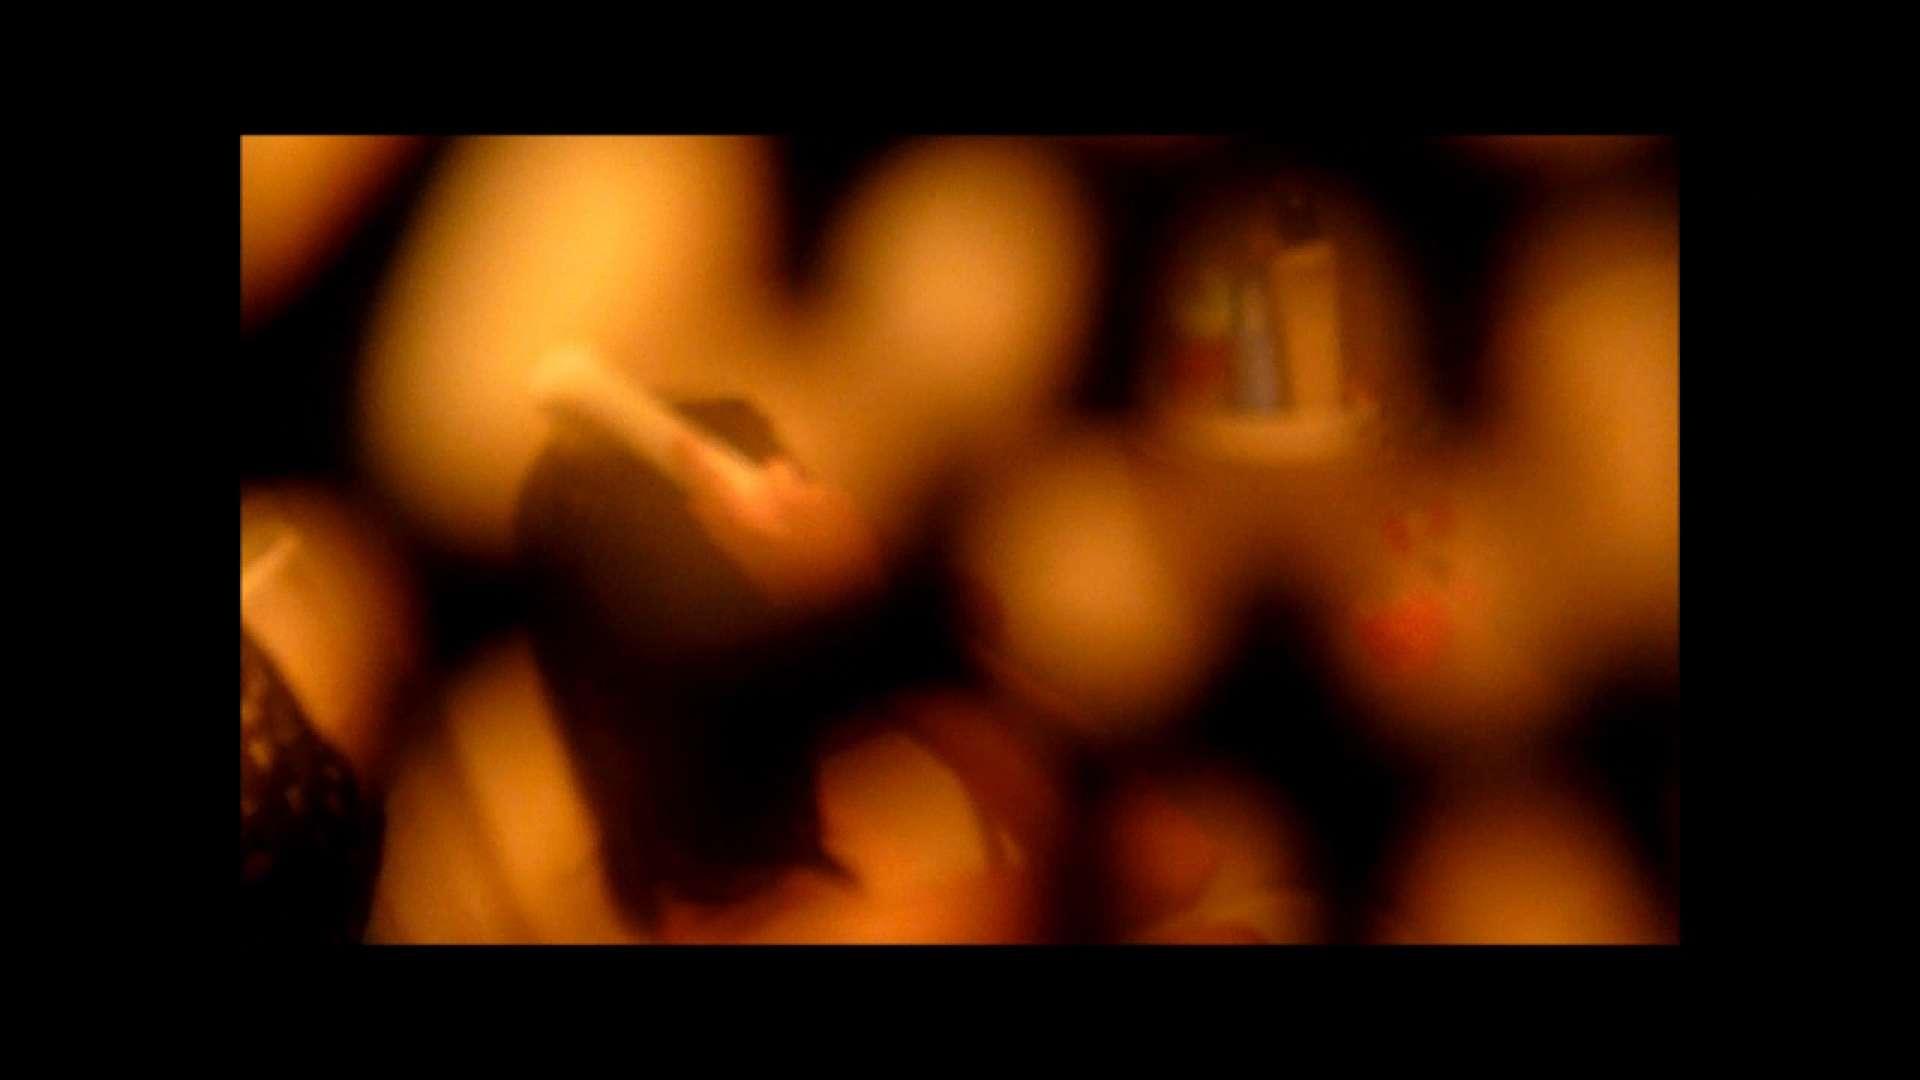 【02】ベランダに侵入して張り込みを始めて・・・やっと結果が出ました。 家宅侵入 | 0  82画像 65